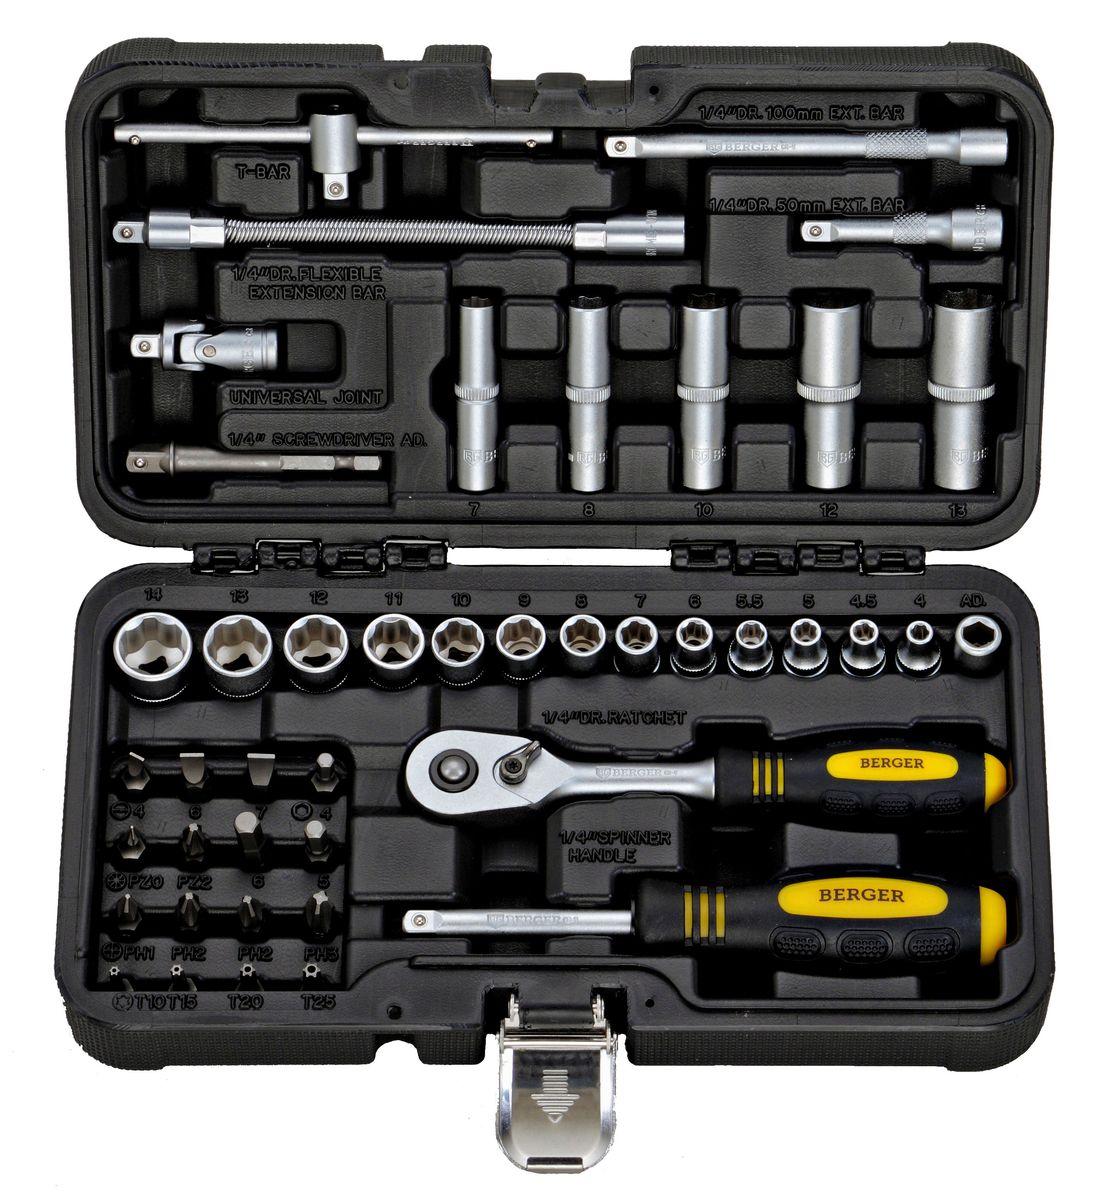 Универсальный набор инструментов Berger, 43 предмета. BG043-142205-H8Набор Berger - универсальный набор инструментов для ремонта и обслуживания автомобилей. Комплект подойдет для использования как профессионалами в автомастерских, так и водителями в гараже или в дороге. Инструменты выполнены из хромованадиевой стали. Кейс из пластика компактно вмещает в себя 43 предмета набора, обладает ручкой для транспортировки и защелками.В наборе:- 1. 13 шт. – 1/4 головки торцевые 6-гранные Super Lock: 4, 4.5, 5, 5.5, 6, 7, 8, 9, 10, 11, 12, 13, 14 мм;- 2. 5 шт. - 1/4 головки торцевые длинные 6-гранные Super Lock: 7, 8, 10, 12, 13 мм;- 3. 1 шт. - 1/4 трещотка (ключ трещоточный с быстрым сбросом) 45 зубов;- 4. 1 шт. - 1/4 вороток Т-образный 110 мм; - 5. 1 шт. - 1/4 отвертка с присоединительным квадратом;- 6. 1 шт. - 1/4 удлинитель гибкий: 150 мм;- 7. 2 шт. - 1/4 удлинитель: 50 мм, 100 мм;- 8. 1 шт. - 1/4 кардан шарнирный;- 9. 1 шт. - 1/4 адаптер для бит;- 10. 16 шт. - 1/4 биты:- Ph (крест): 1, 2, 2, 3;- Pz (позидрайв): 0, 2;- TORX (звездочка): T10, T15, T20, T25;- SLOT (шлиц): 4, 6, 7;- HEX (шестигранник): 4, 5, 6;-11. 1 шт. - 1/4 адаптер для шуруповерта.